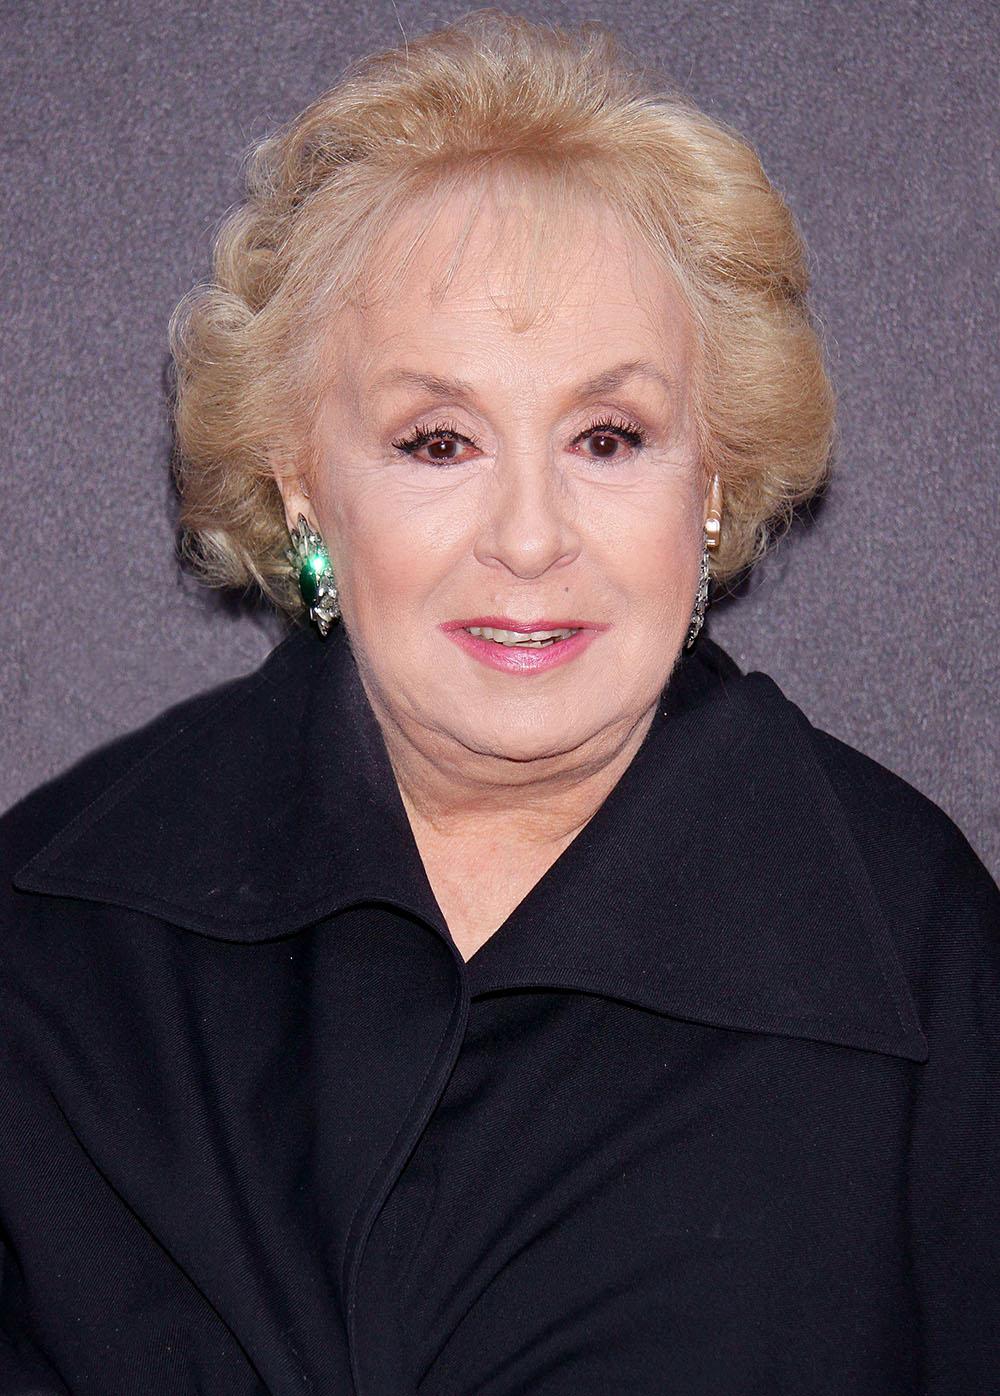 Abigail Eames,Rhonda Shear Sex image Titina De Filippo (1898?965),Sophia Di Martino (born 1983)